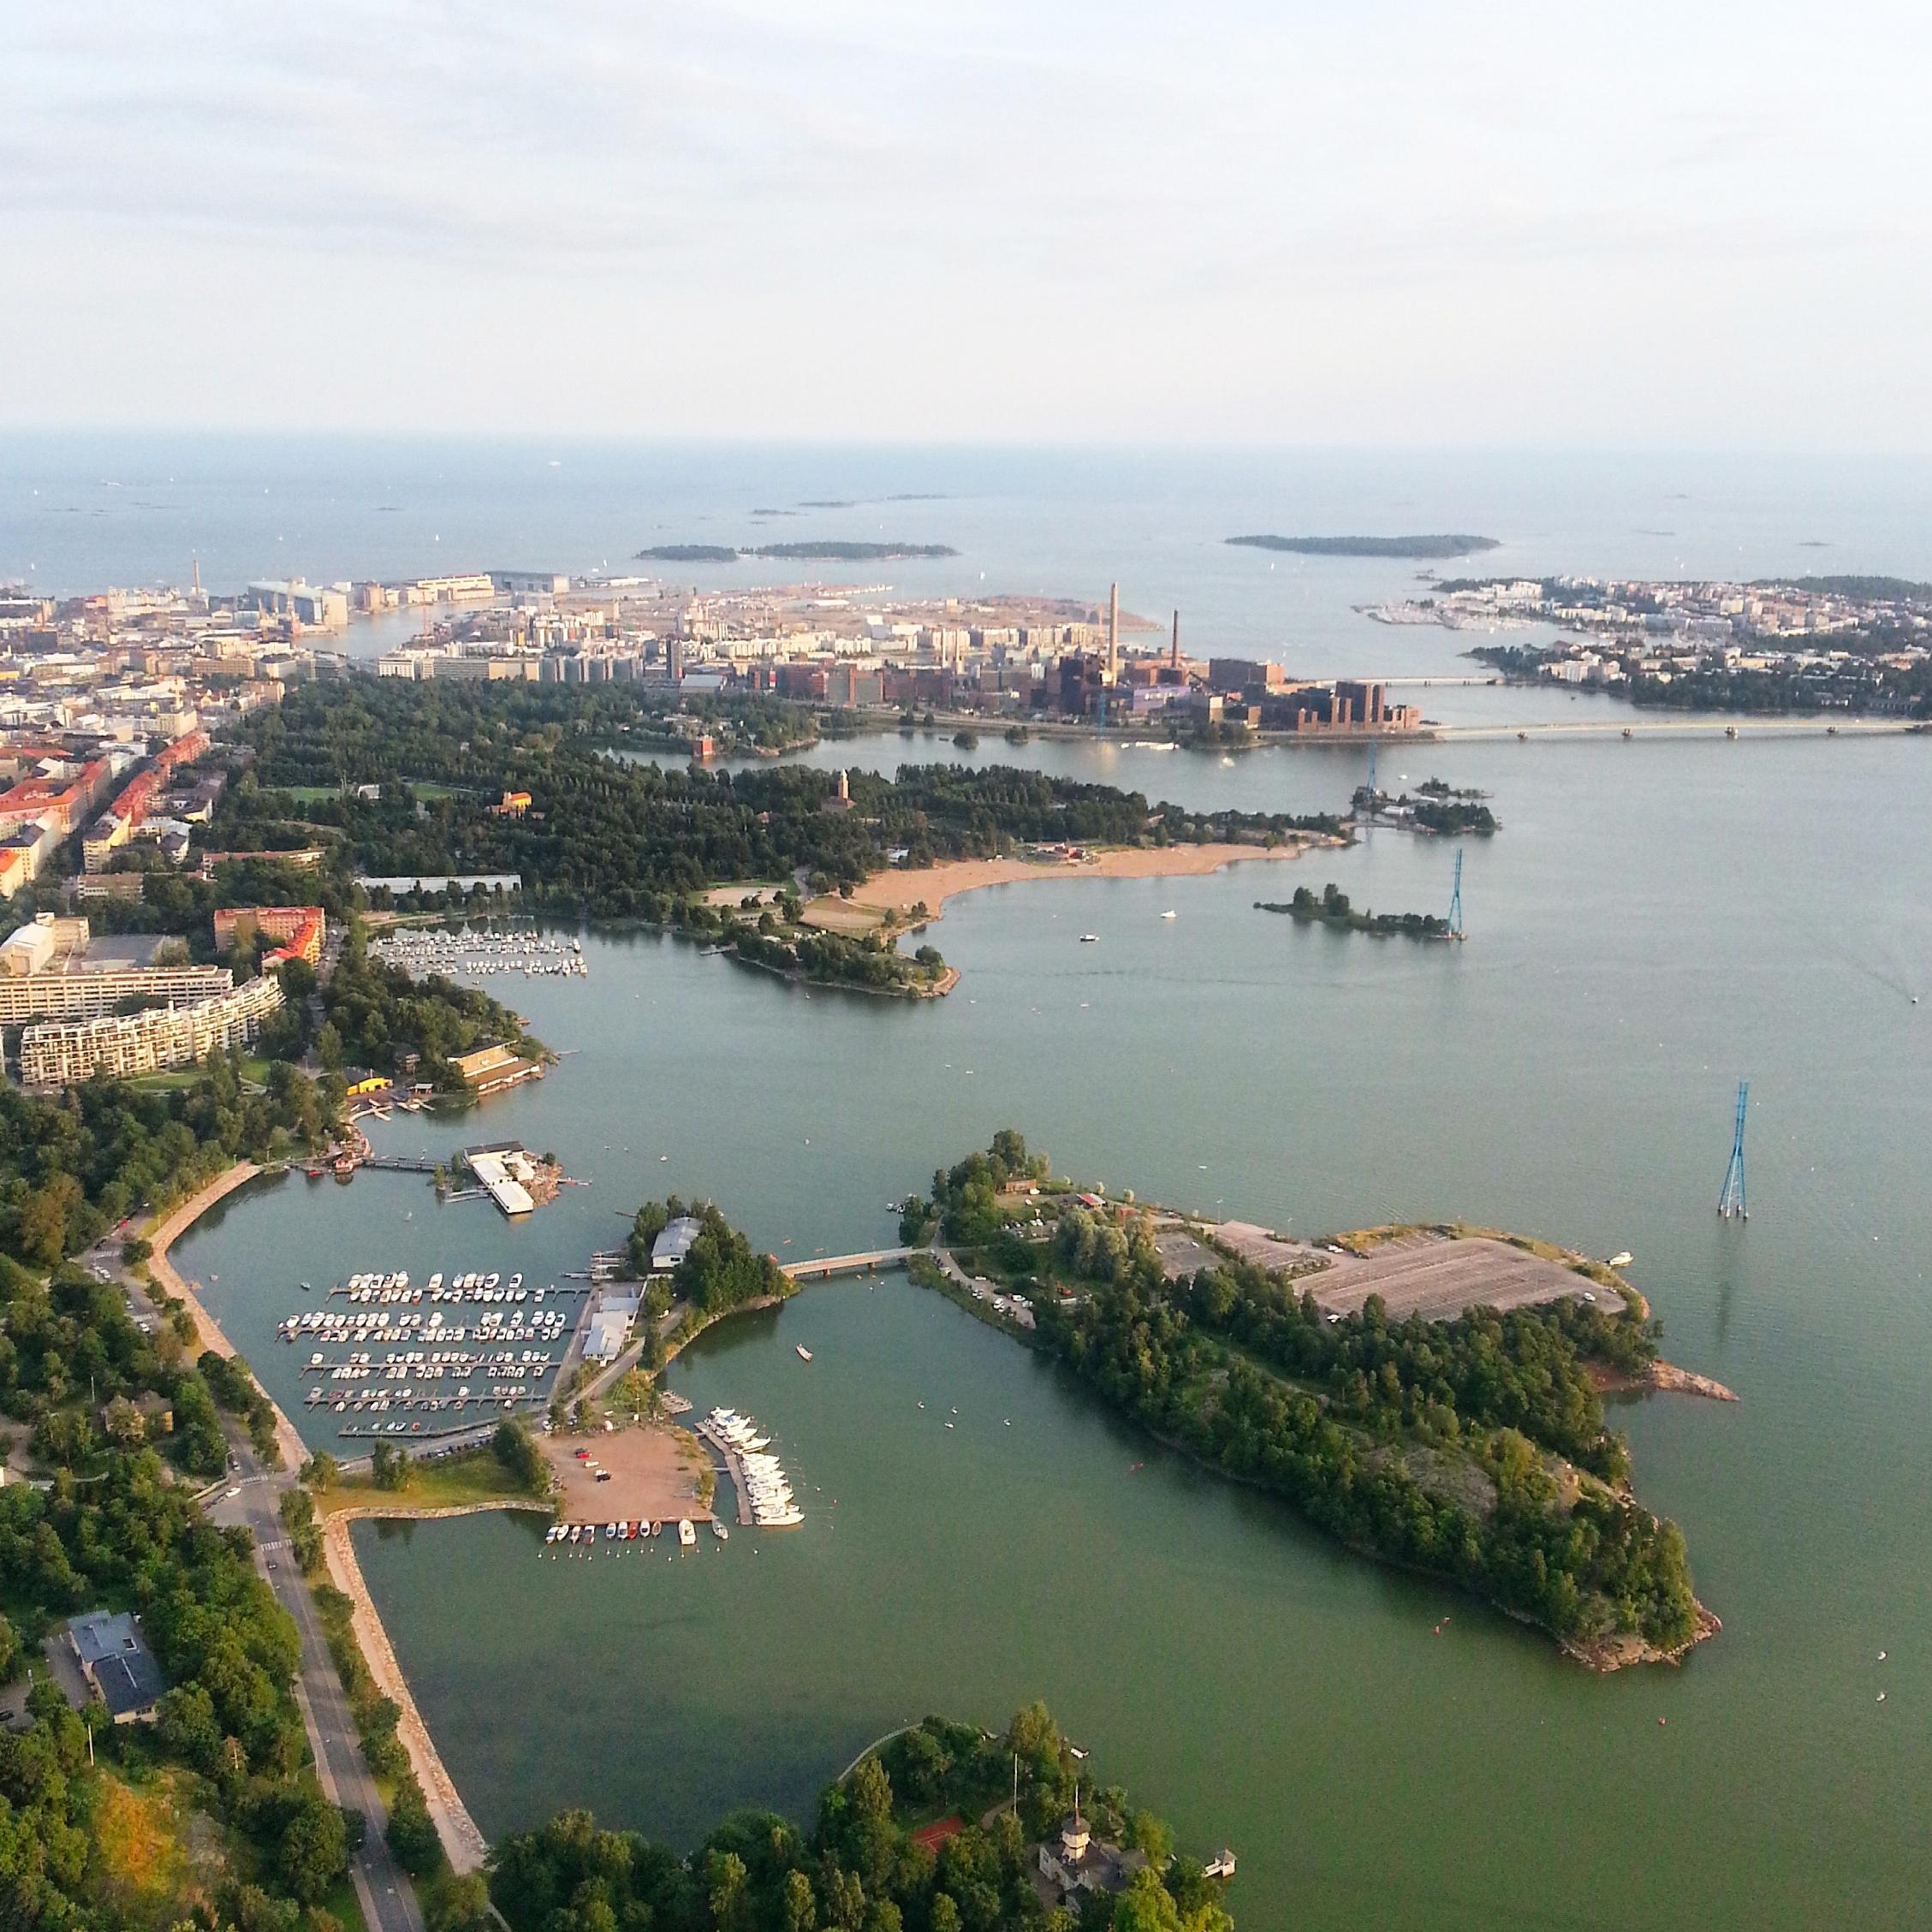 Kuumailmapallon kyydissä näki Helsingin ihan uudella tavalla